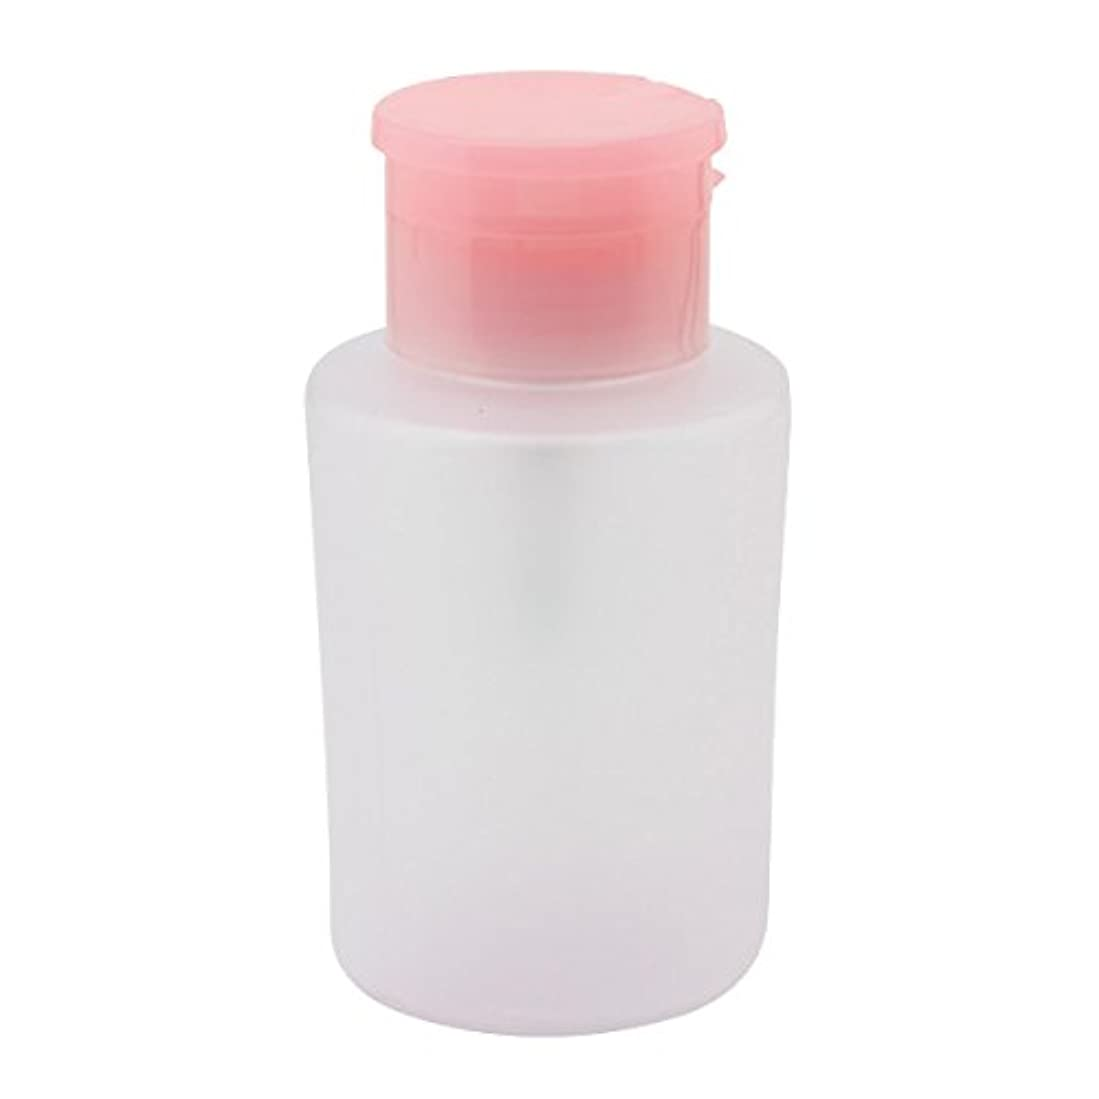 言語学スリーブ有彩色のプッシュ式 ポンプディスペンサー 200ml ピンク [ ディスペンサー 空ボトル 空容器 ボトル 容器 ポンプ リムーバー ネイルケア ]